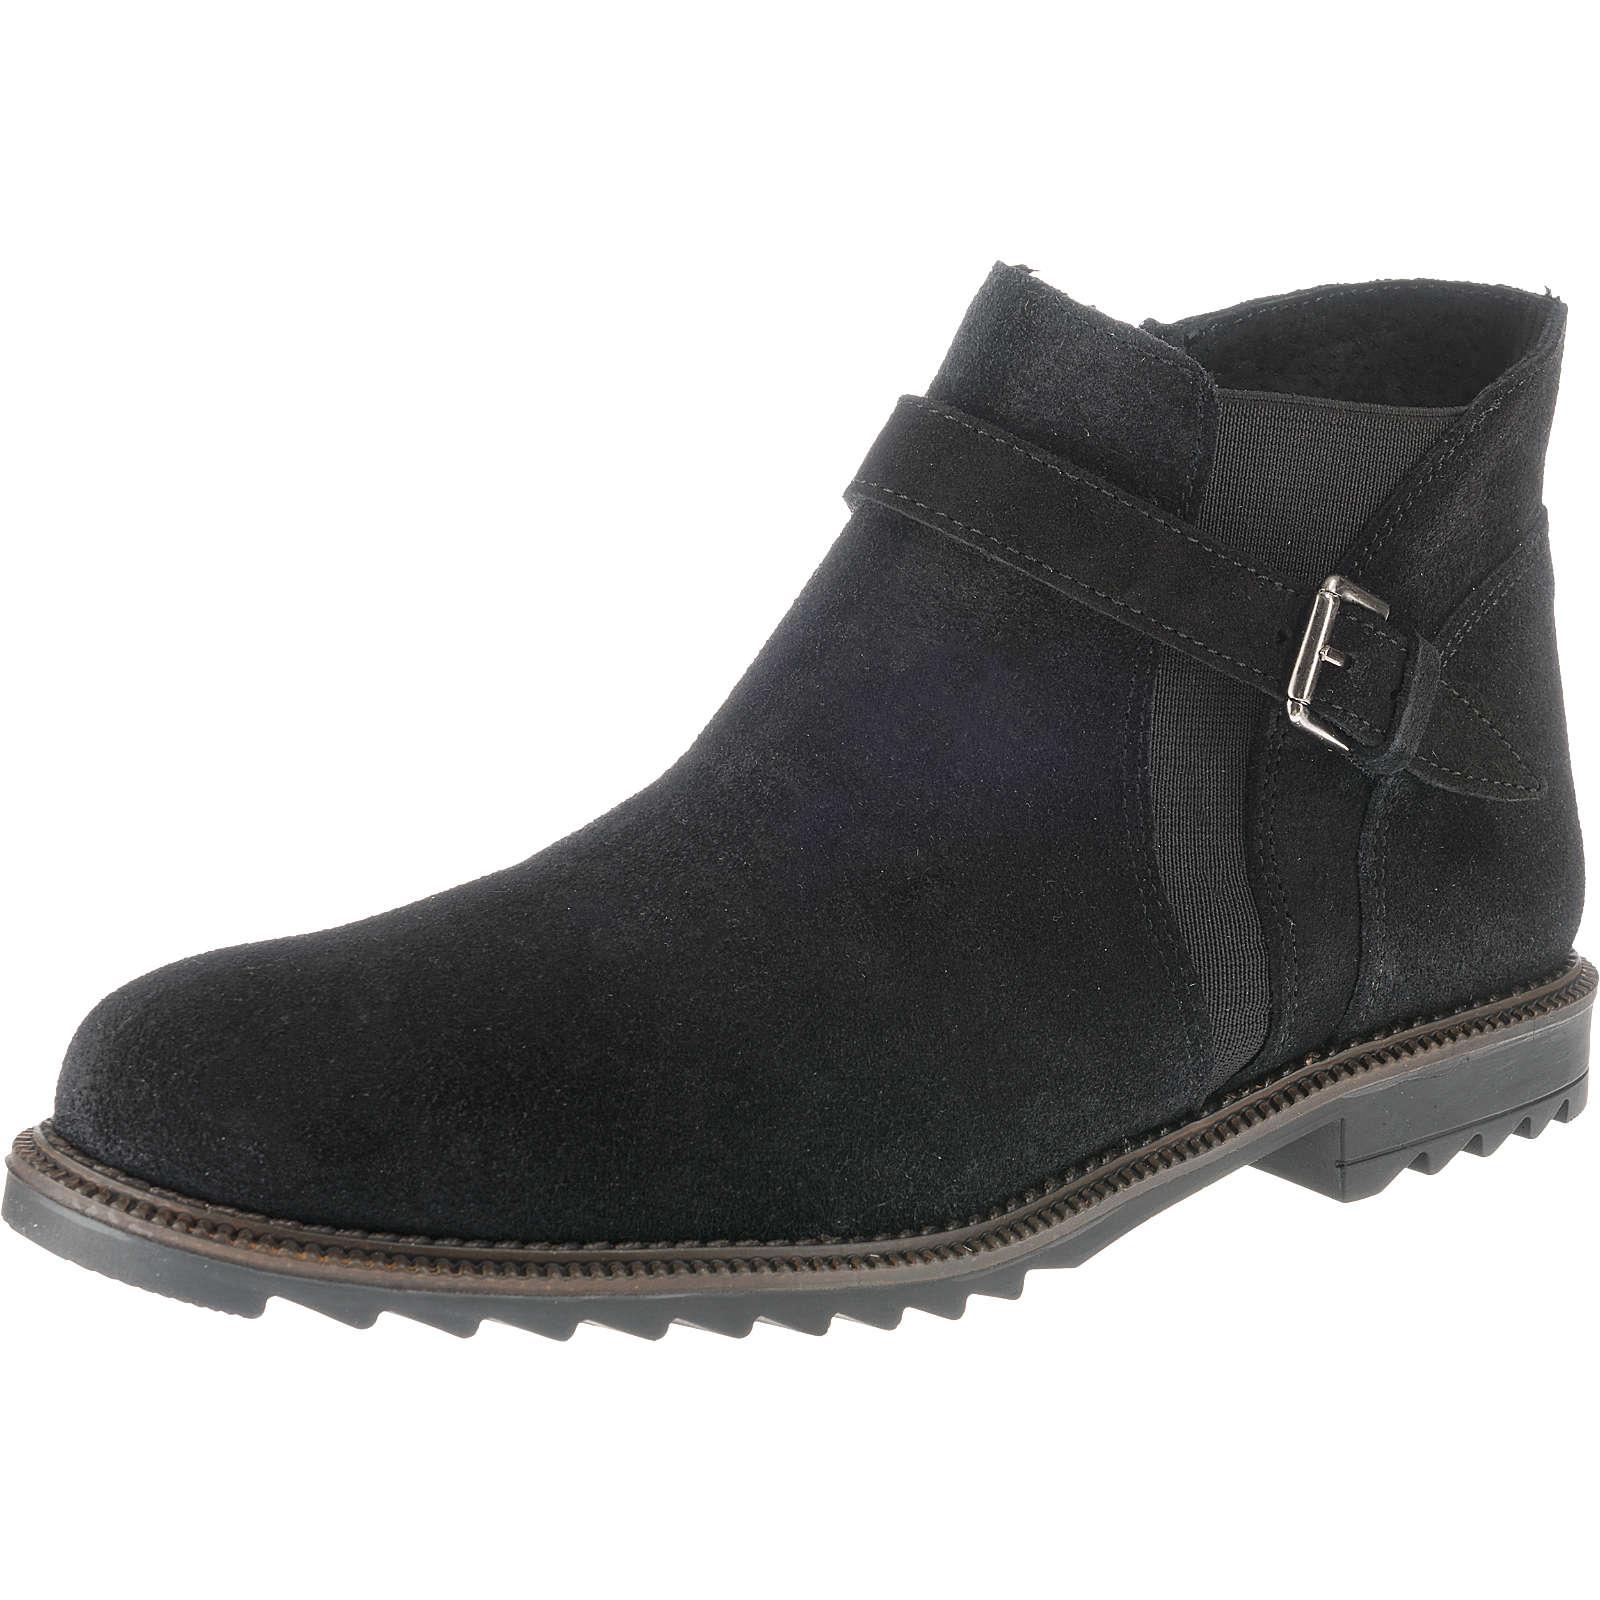 JOLANA & FENENA Chelsea Boots schwarz Damen Gr. 37